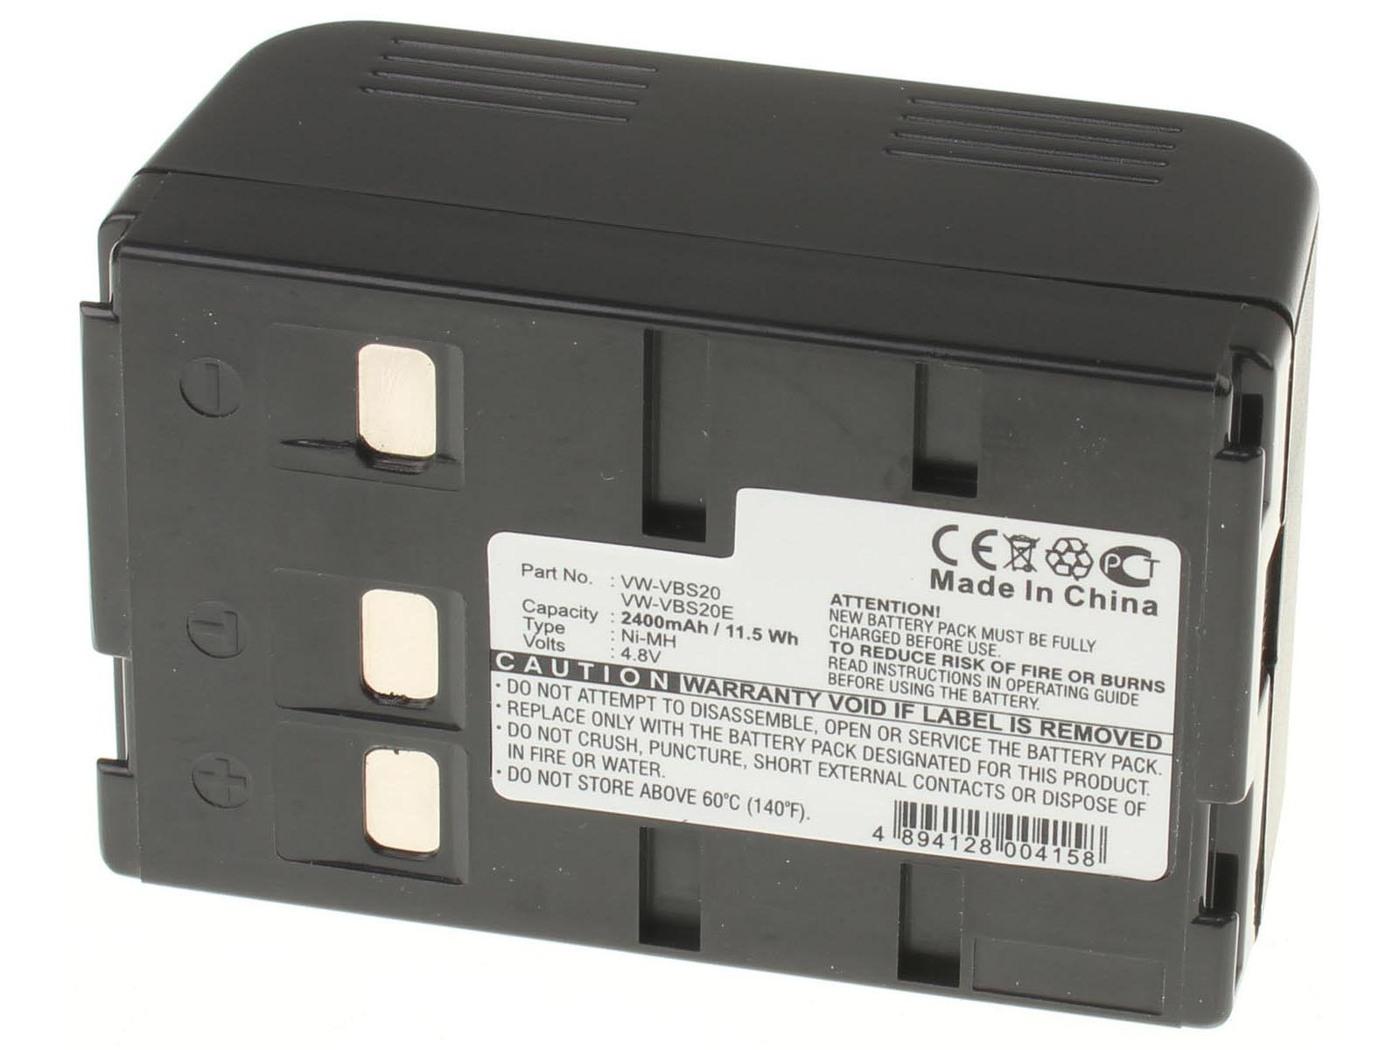 Аккумуляторная батарея iBatt iB-T2-F368 2100mAh для камер Panasonic NV-RX11EN, NV-S900, NV-S99, NV-VX30EN, NV-VX7, NV-R3, NV-RX11, NV-RX22EN, NV-RX70, NV-VX70, NV-A1E, NV-R10, NV-R50E, NV-R55, NV-R550, NV-RX20, NV-RX6, NV-RX7, NV-SX50, NV-R330,